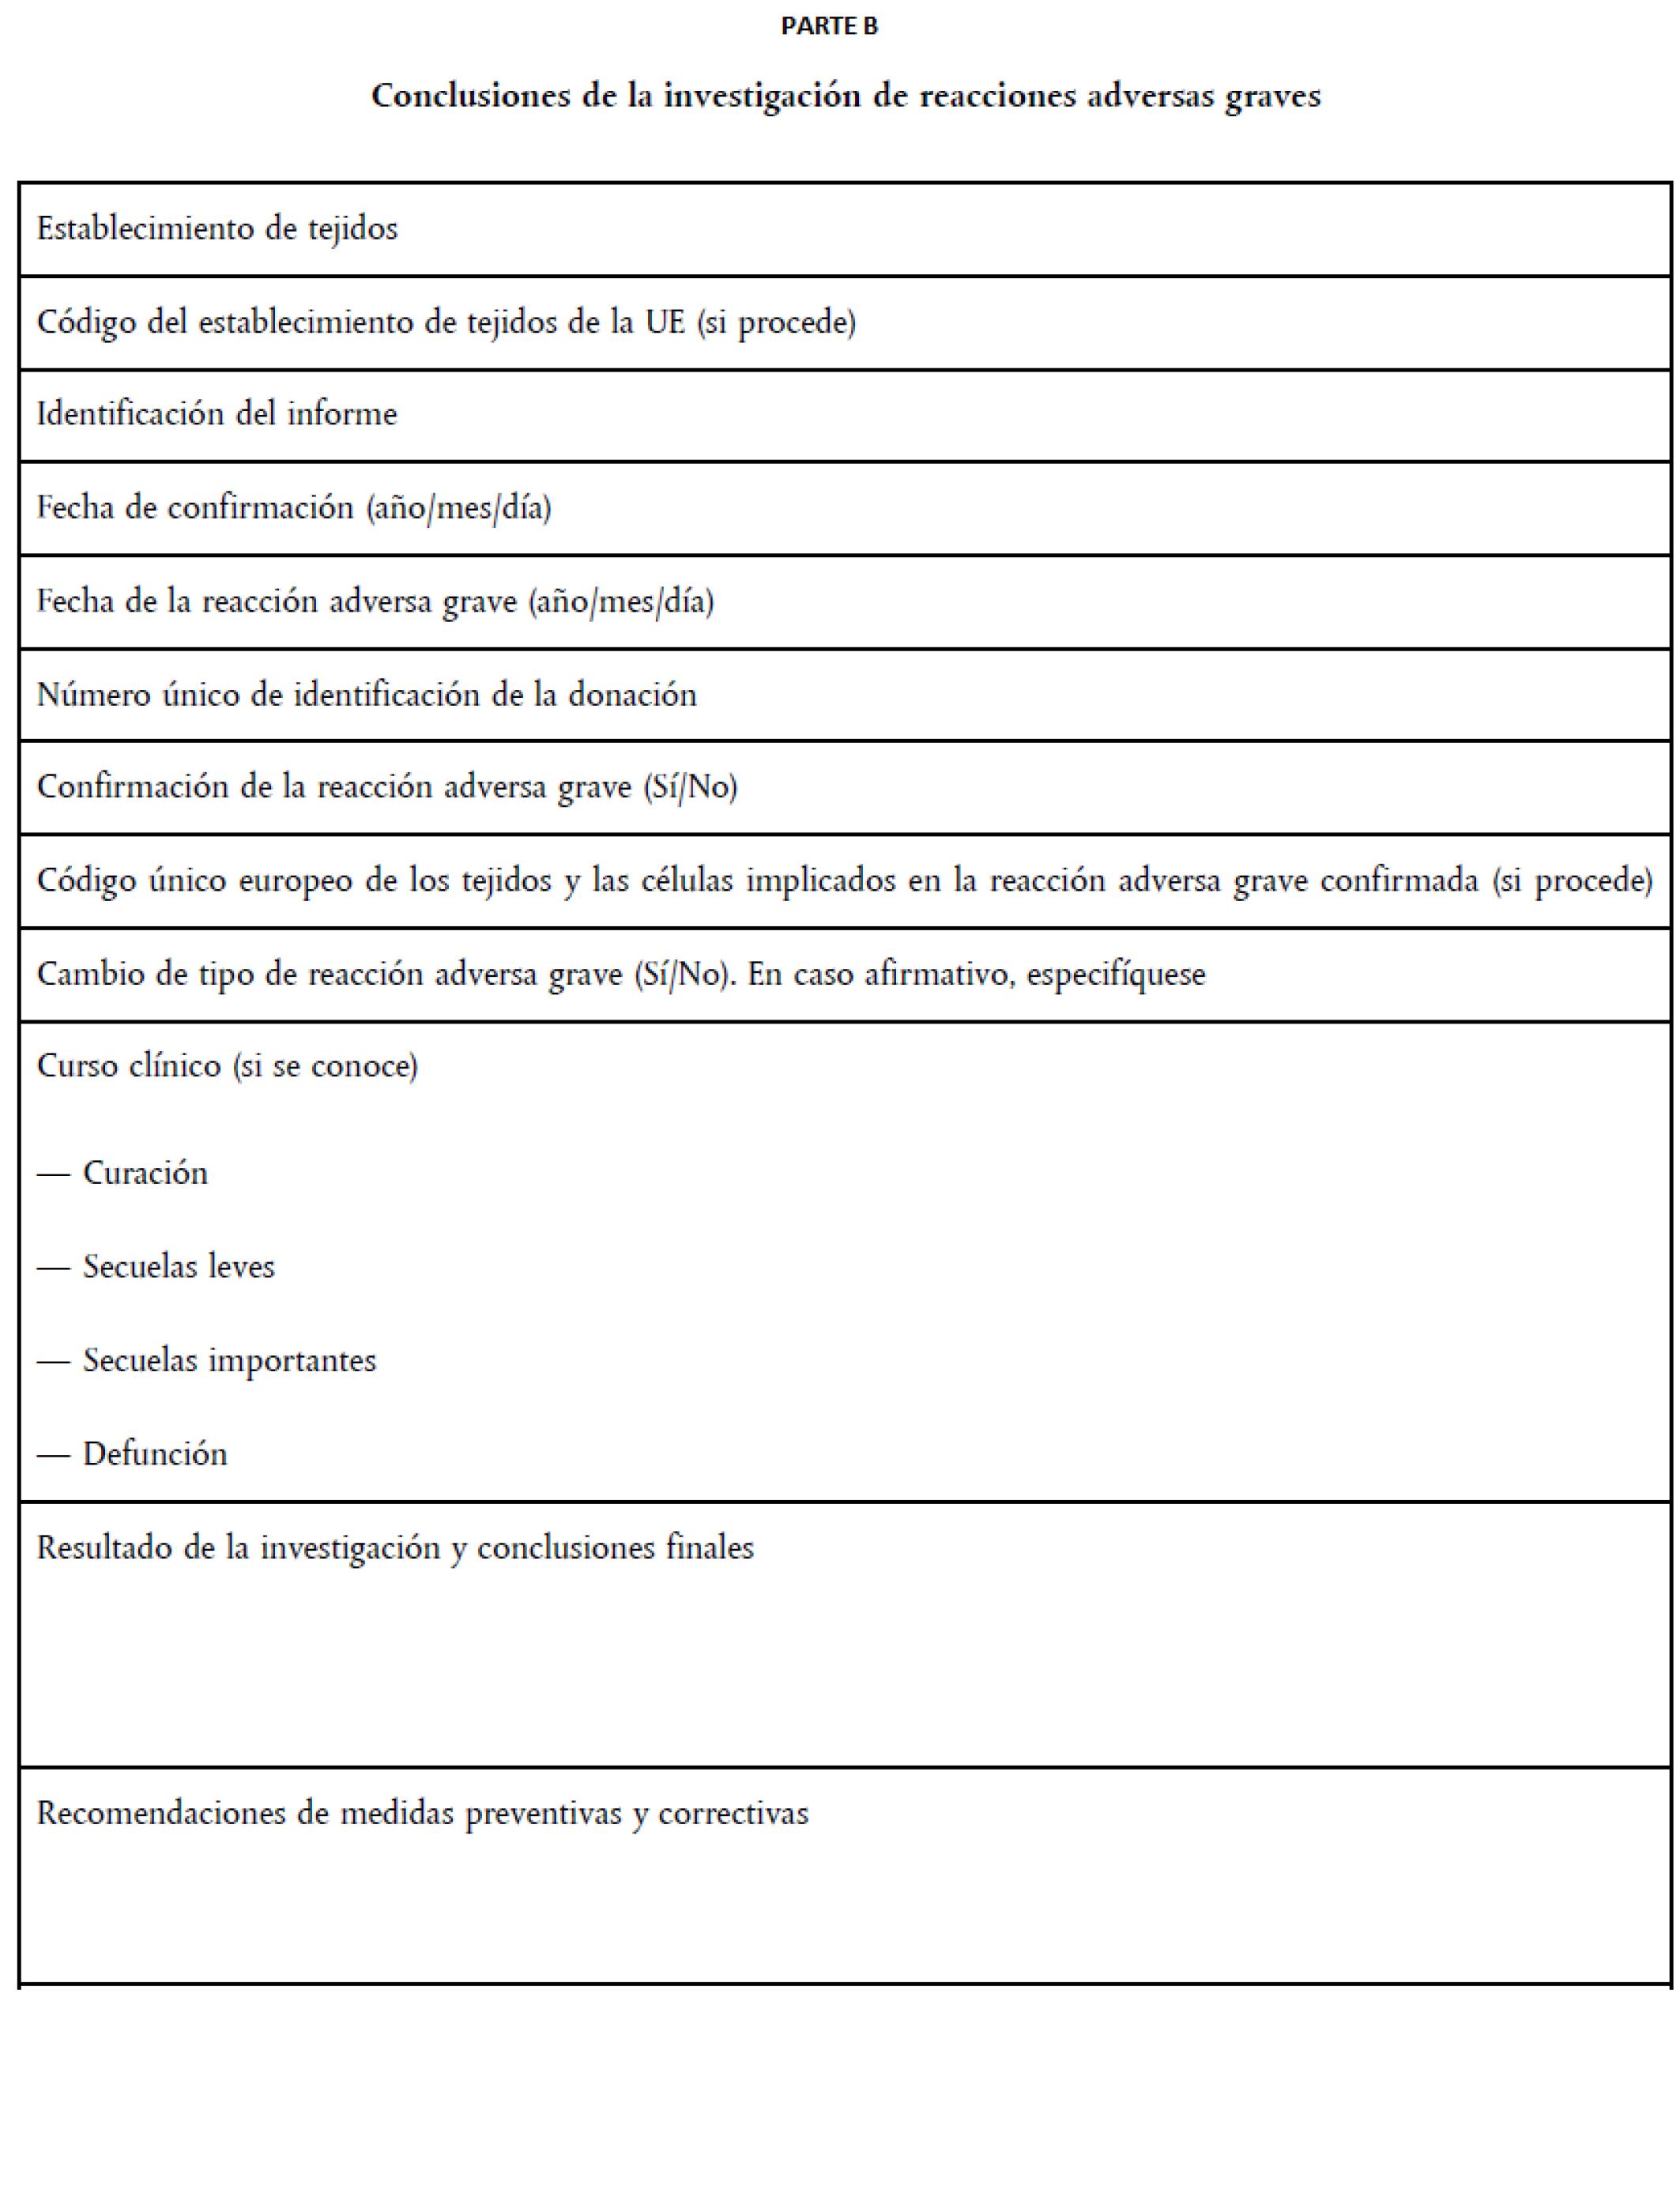 BOE.es - Documento consolidado BOE-A-2014-7065